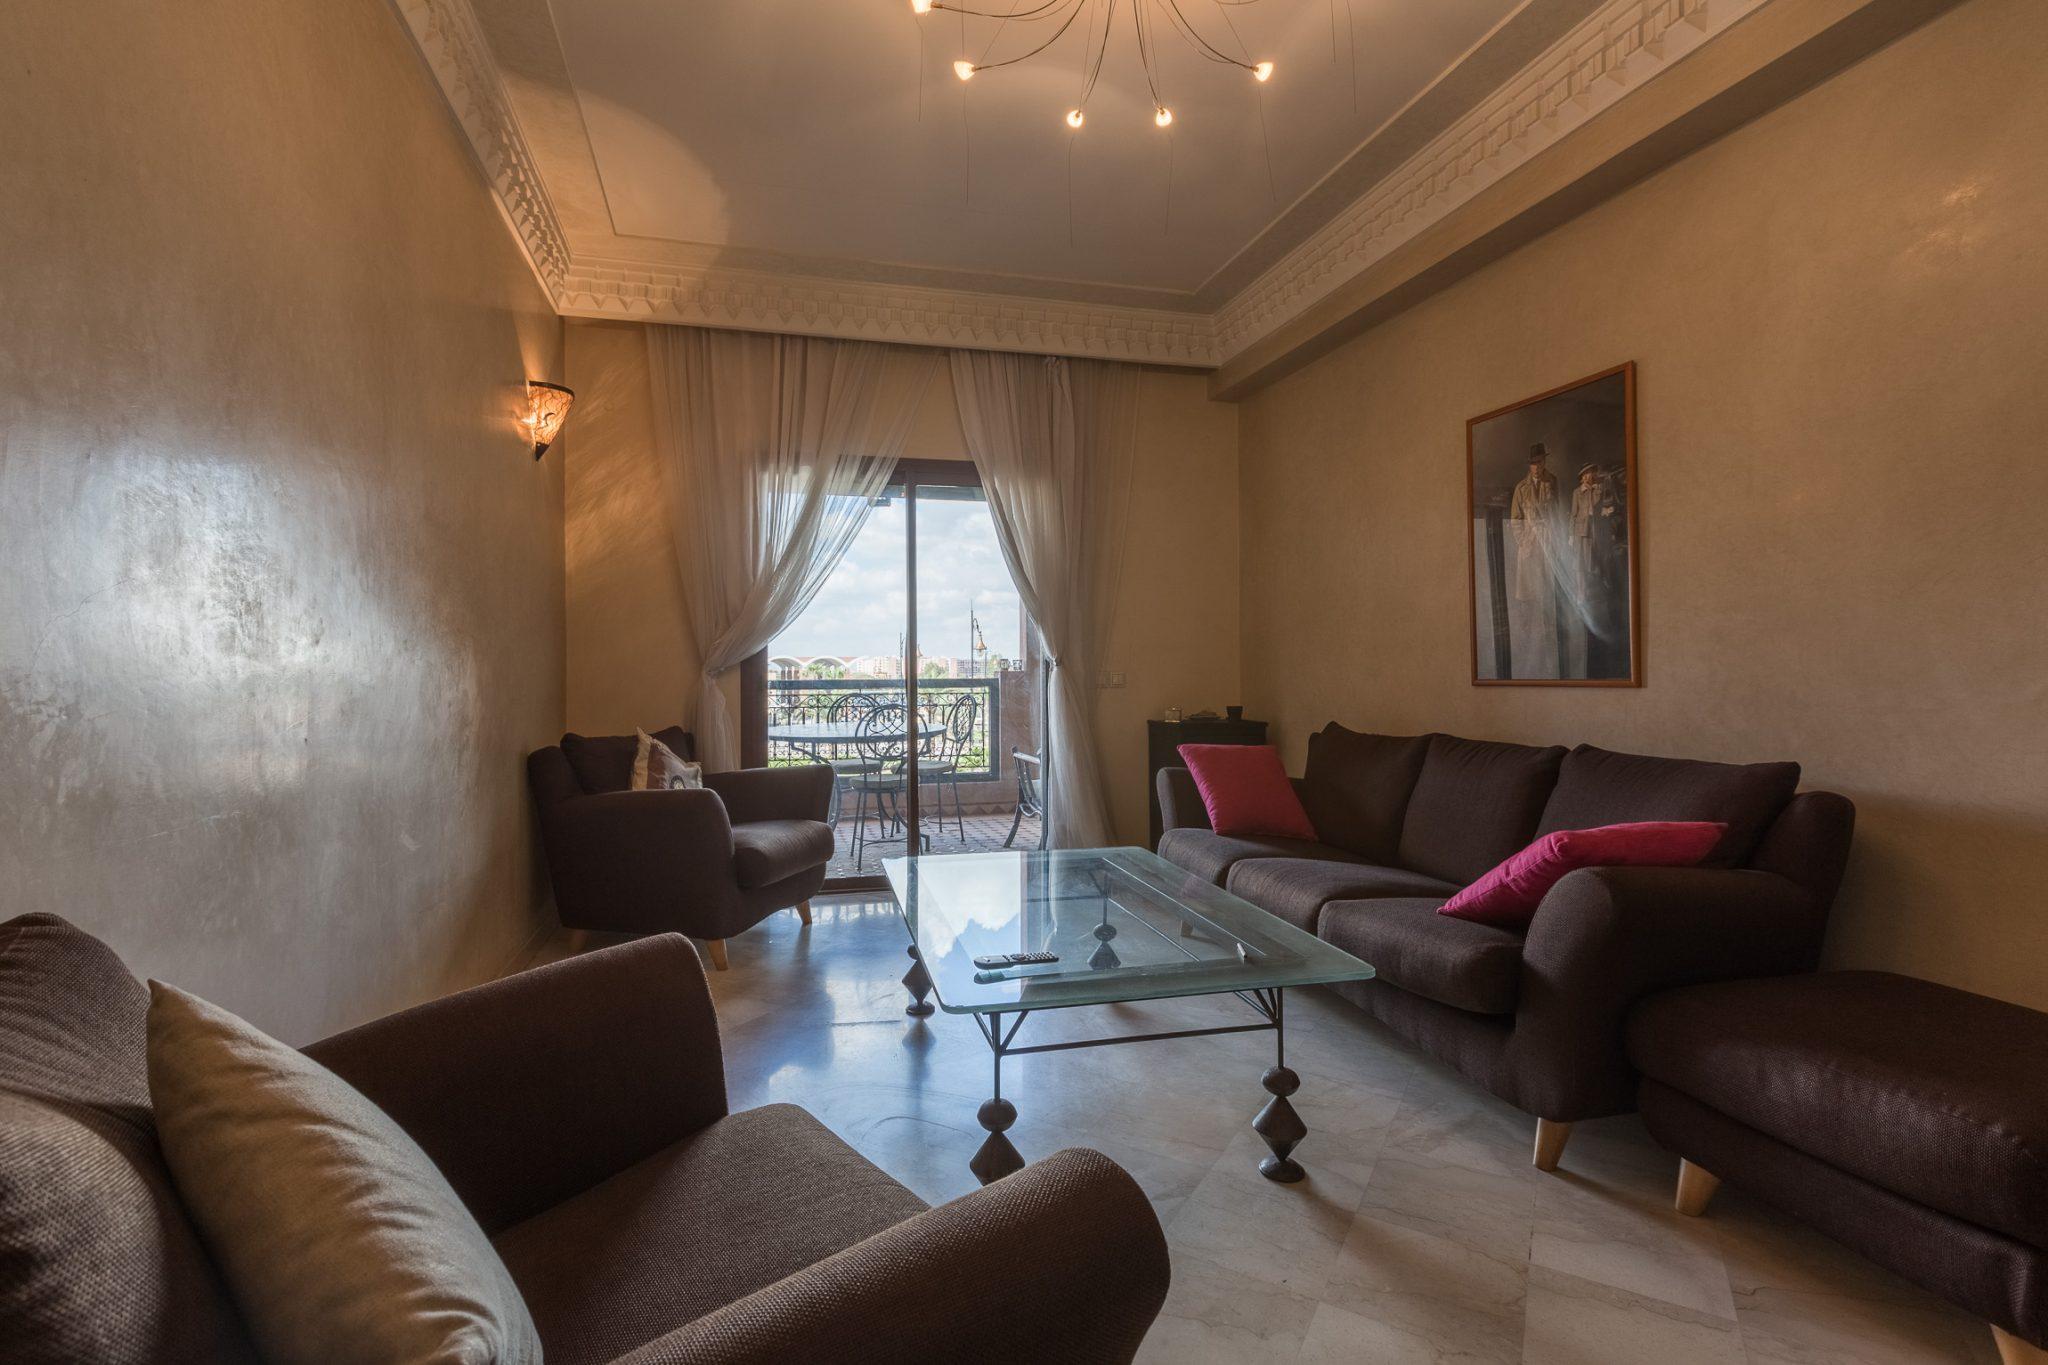 Peinture appartement location prix dhs statut location - Location meublee bordeaux particulier ...